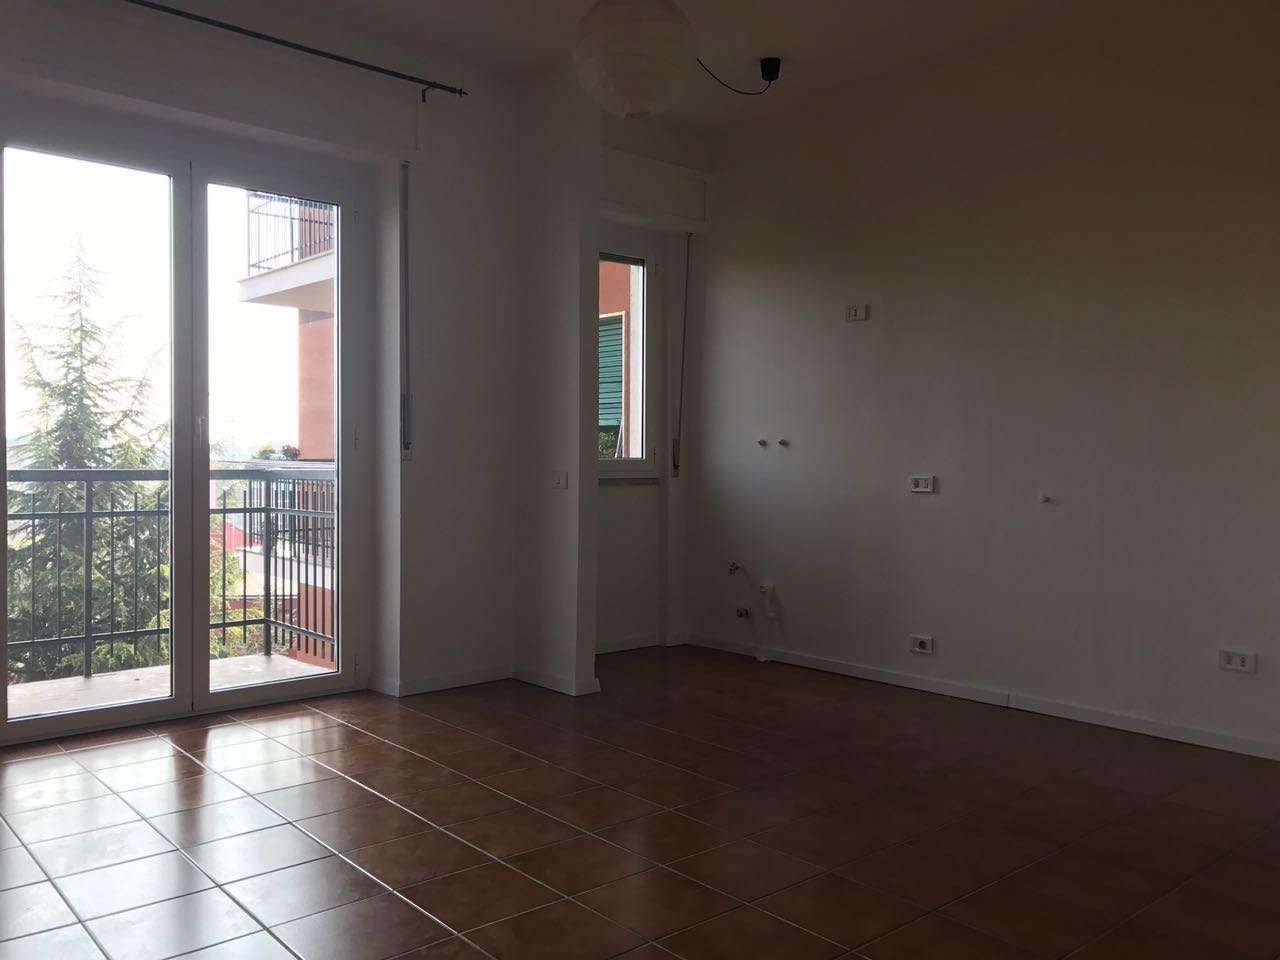 Appartamento in vendita a Cinisello Balsamo, 1 locali, prezzo € 60.000 | Cambio Casa.it